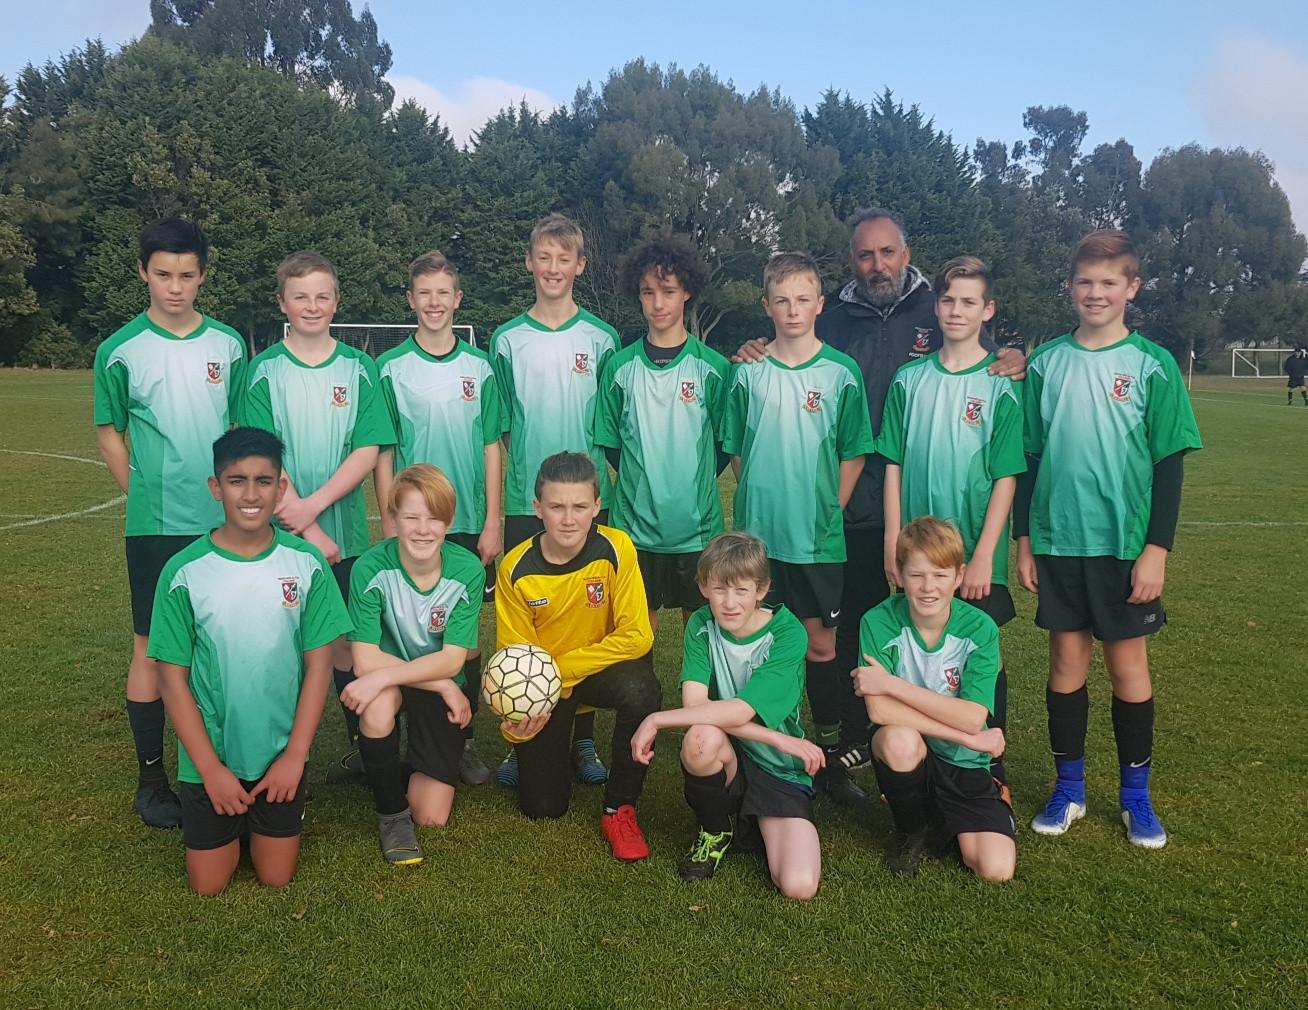 U14 Football Team 29 06 19 (003)